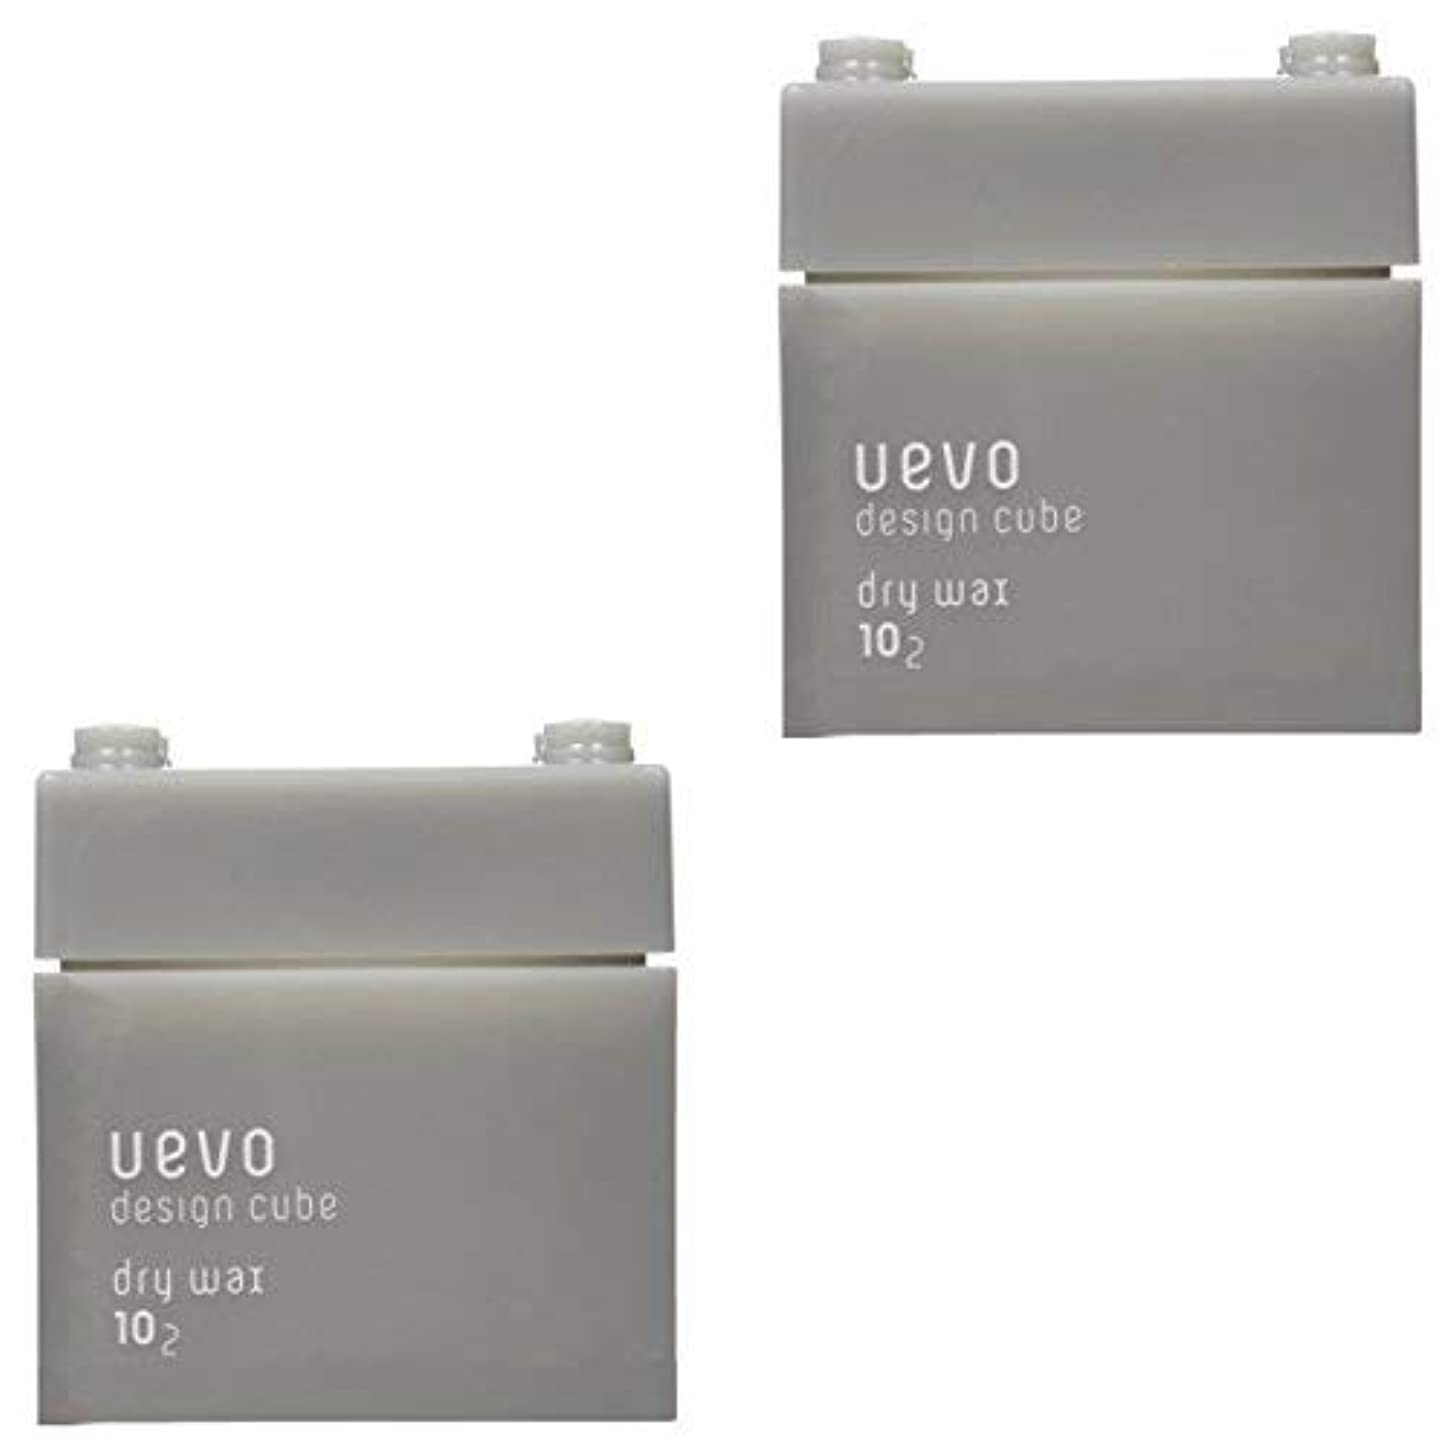 傭兵蜂配分【X2個セット】 デミ ウェーボ デザインキューブ ドライワックス 80g dry wax DEMI uevo design cube